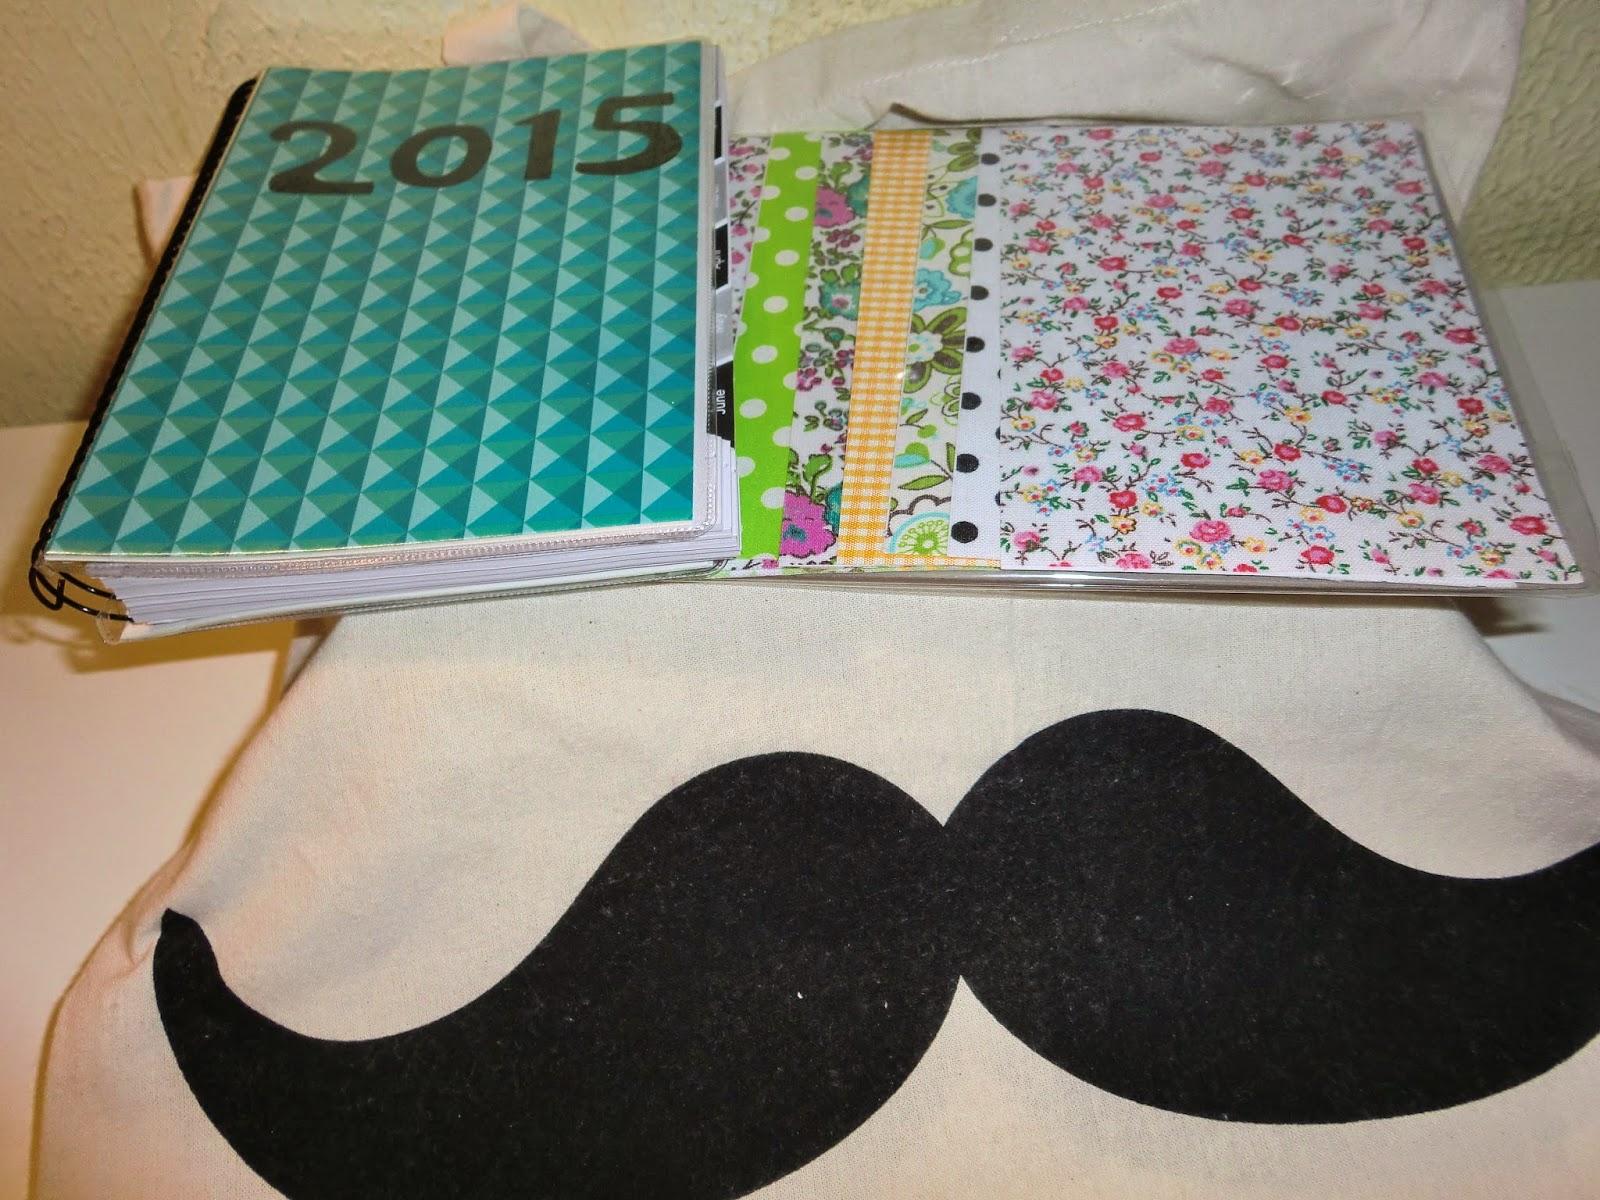 Bolsa de lona con agenda y telas adhesivas